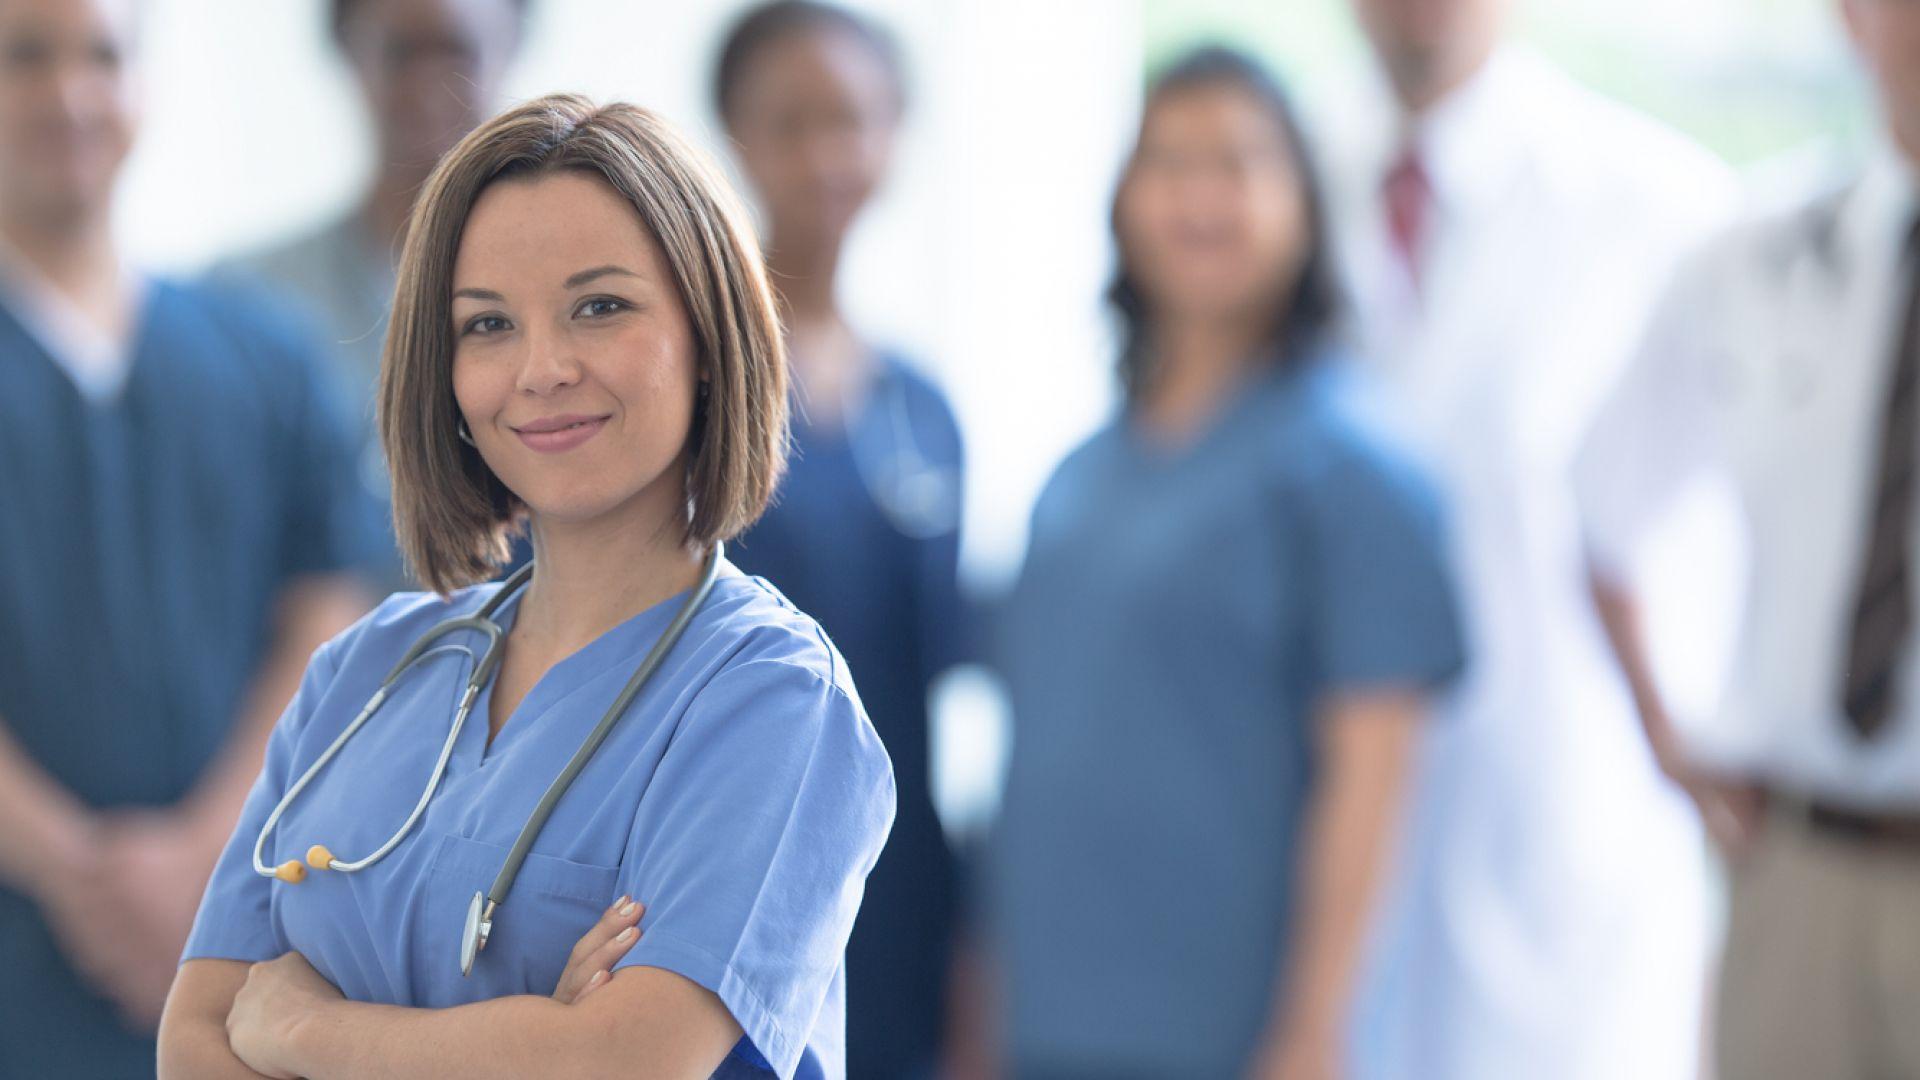 Kонкурс за Главна медицинска сестра в МБАЛ Вита